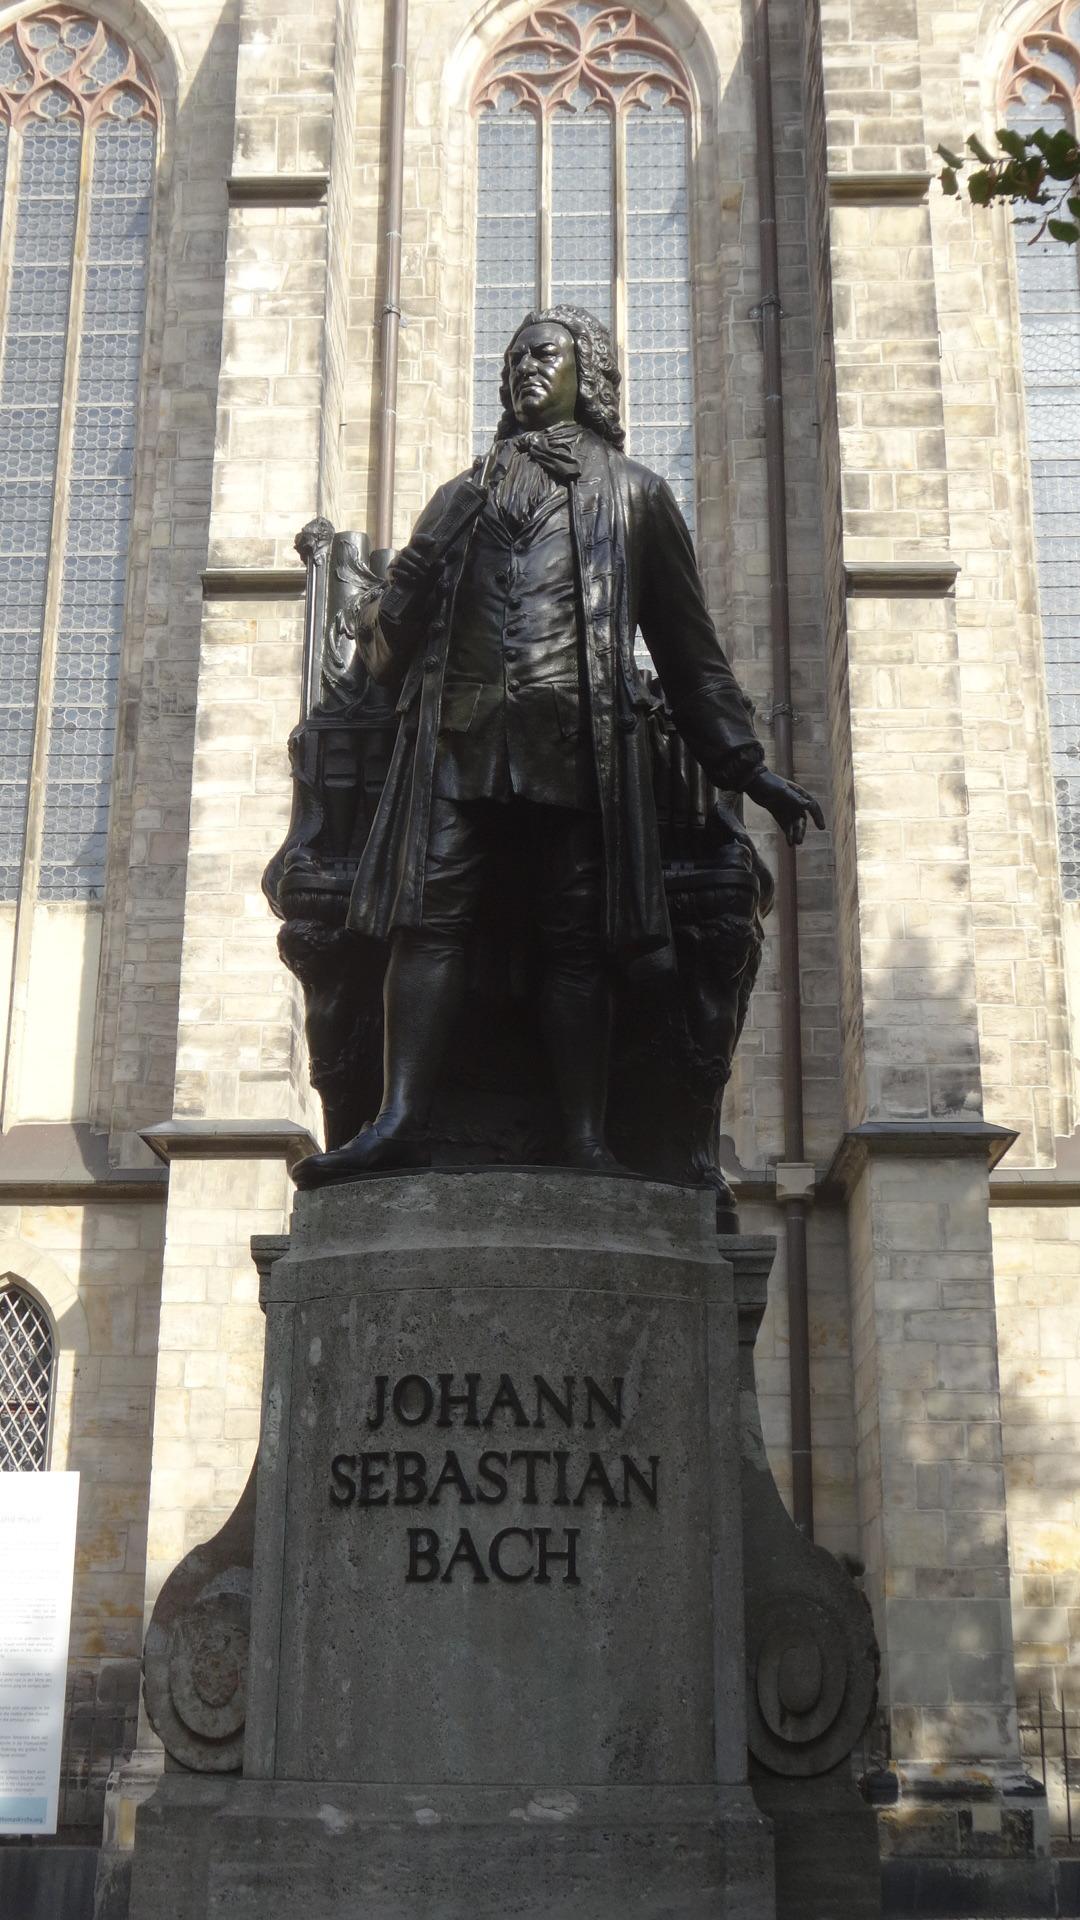 聖トーマス教会の前のバッハの彫像